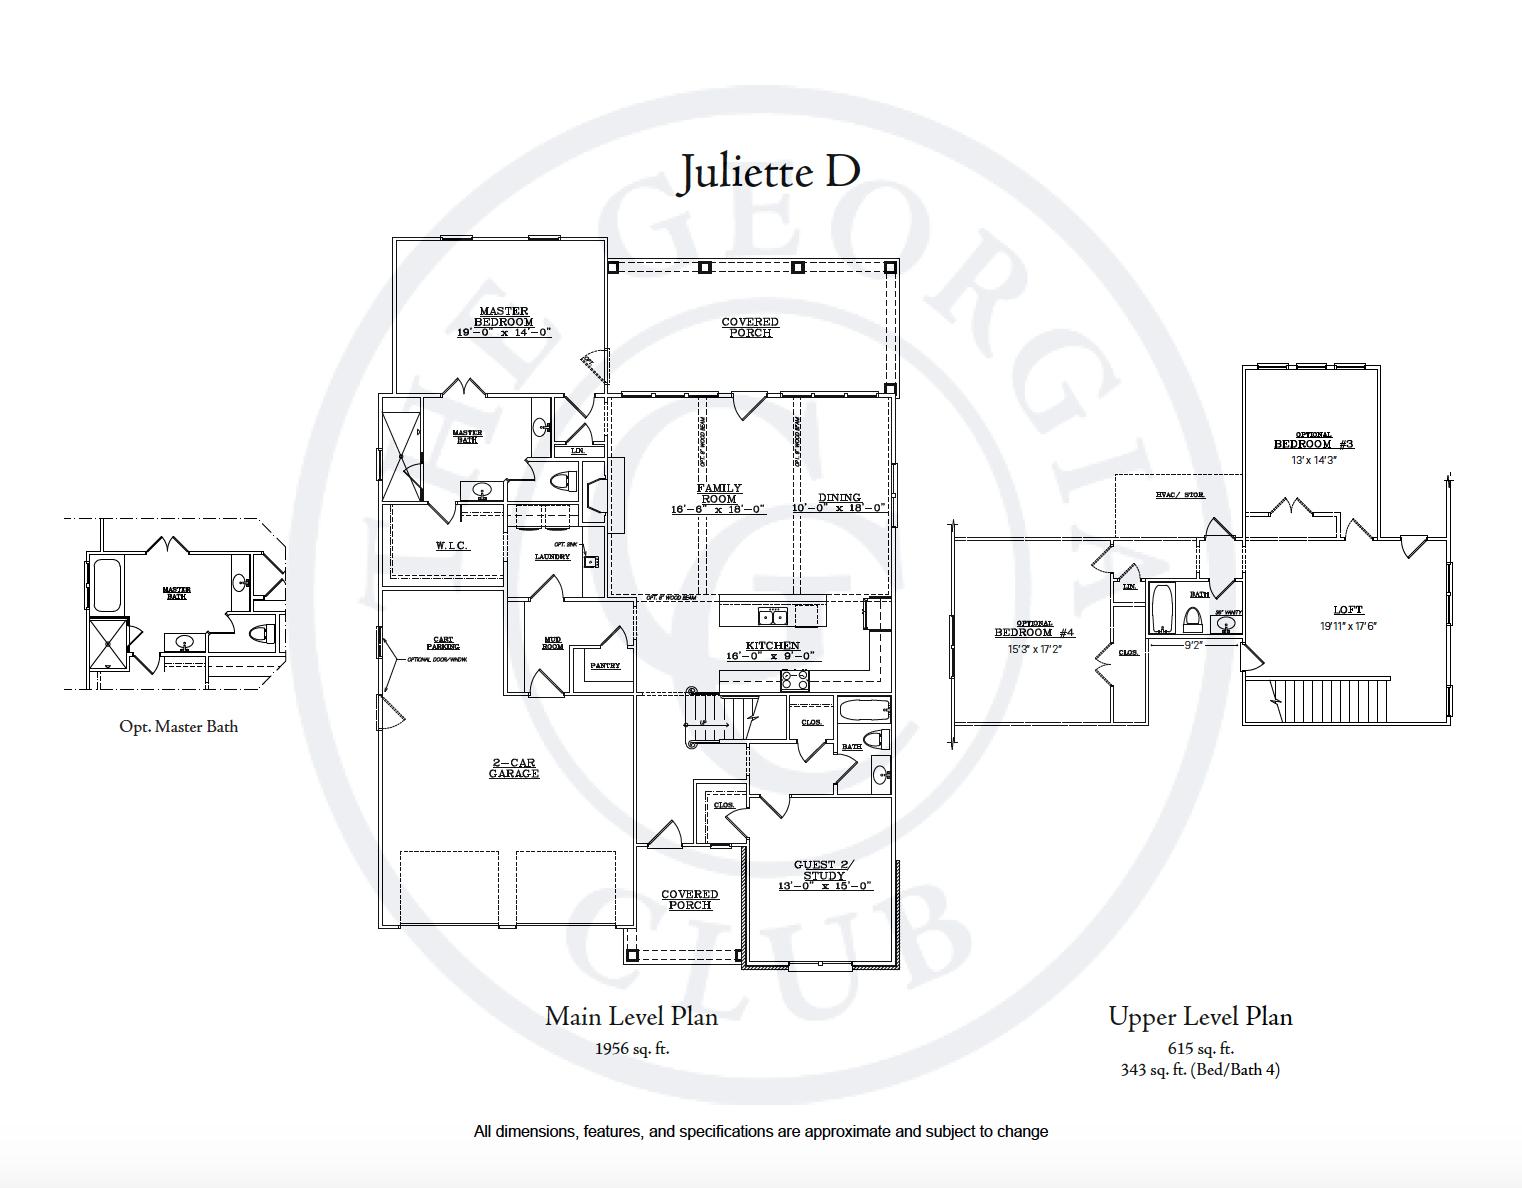 Juliette D floor plan